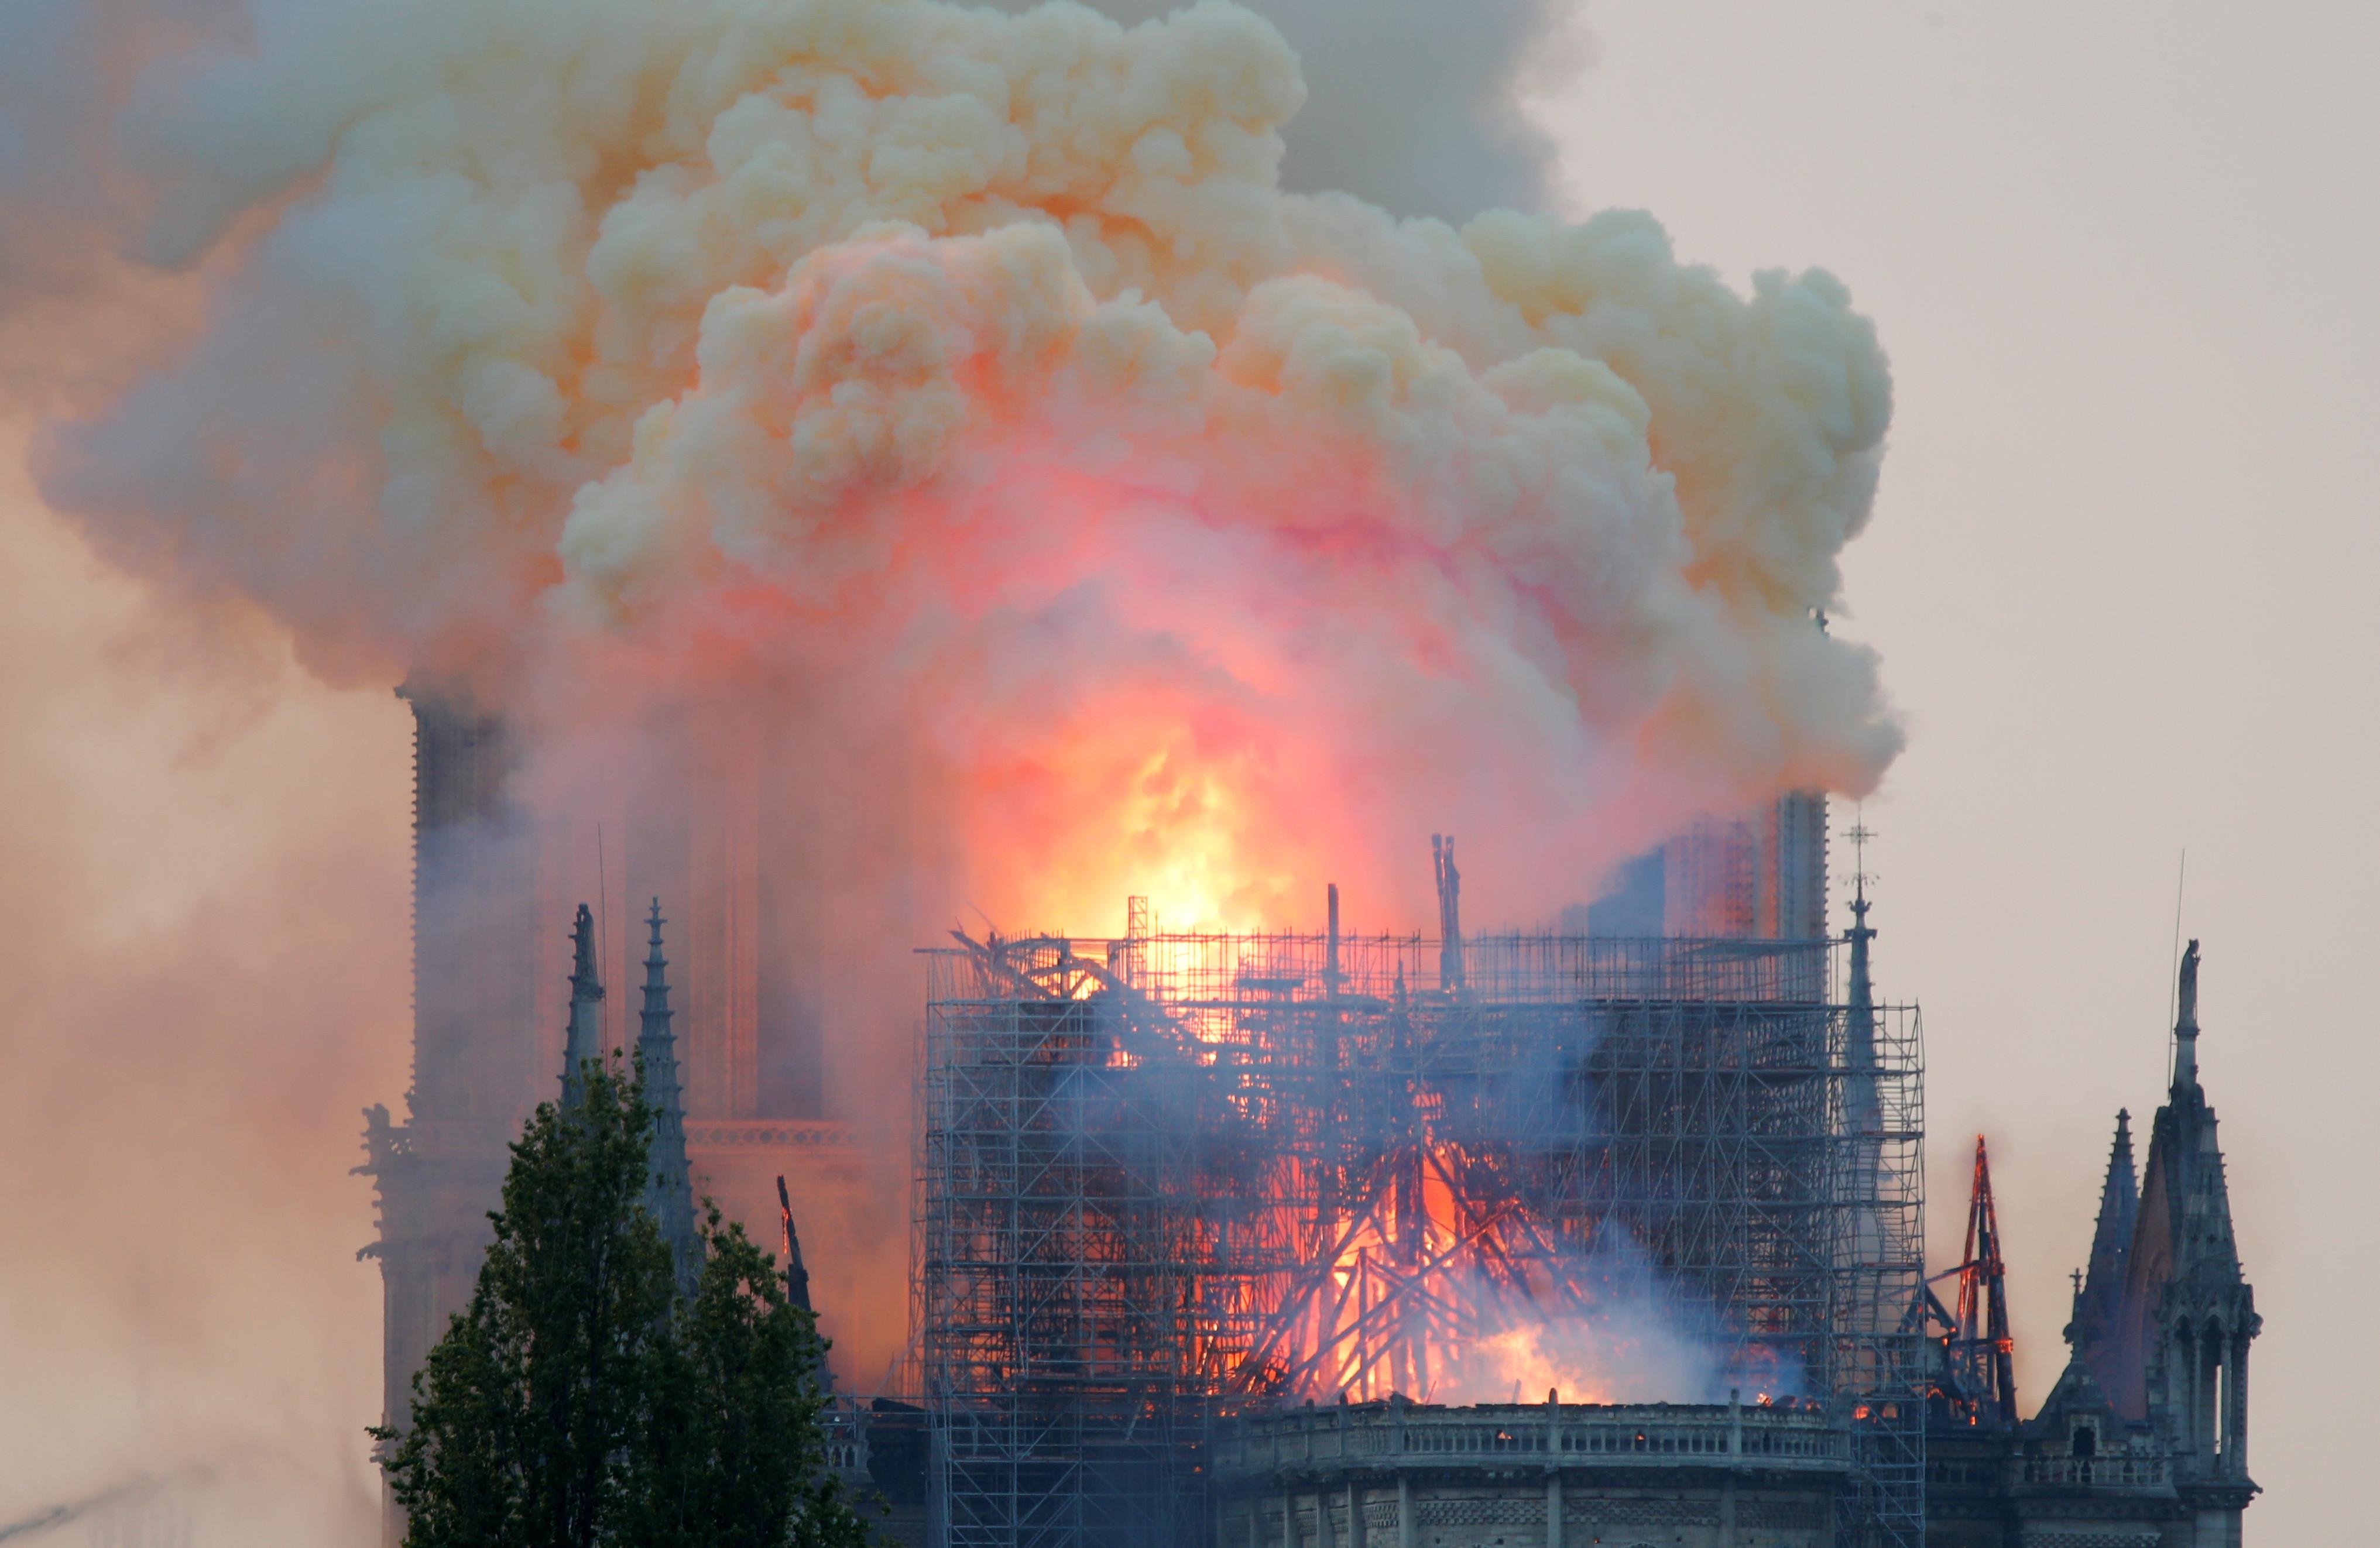 Missa estava a ser celebrada em Notre-Dame quando o fogo deflagrou